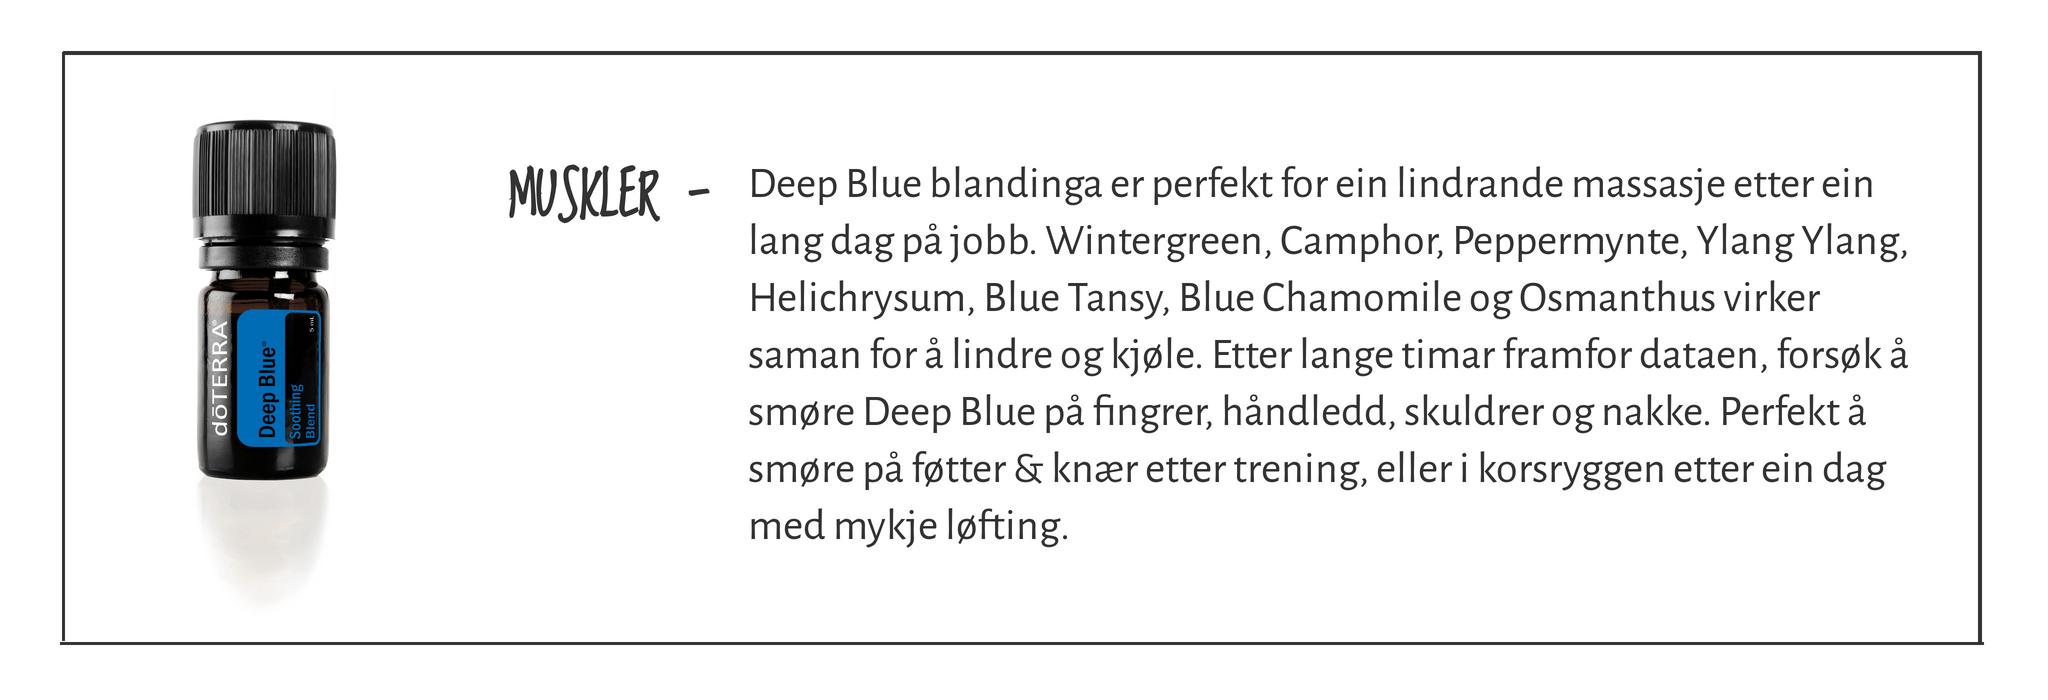 DeepBlue - lp.faktaboks